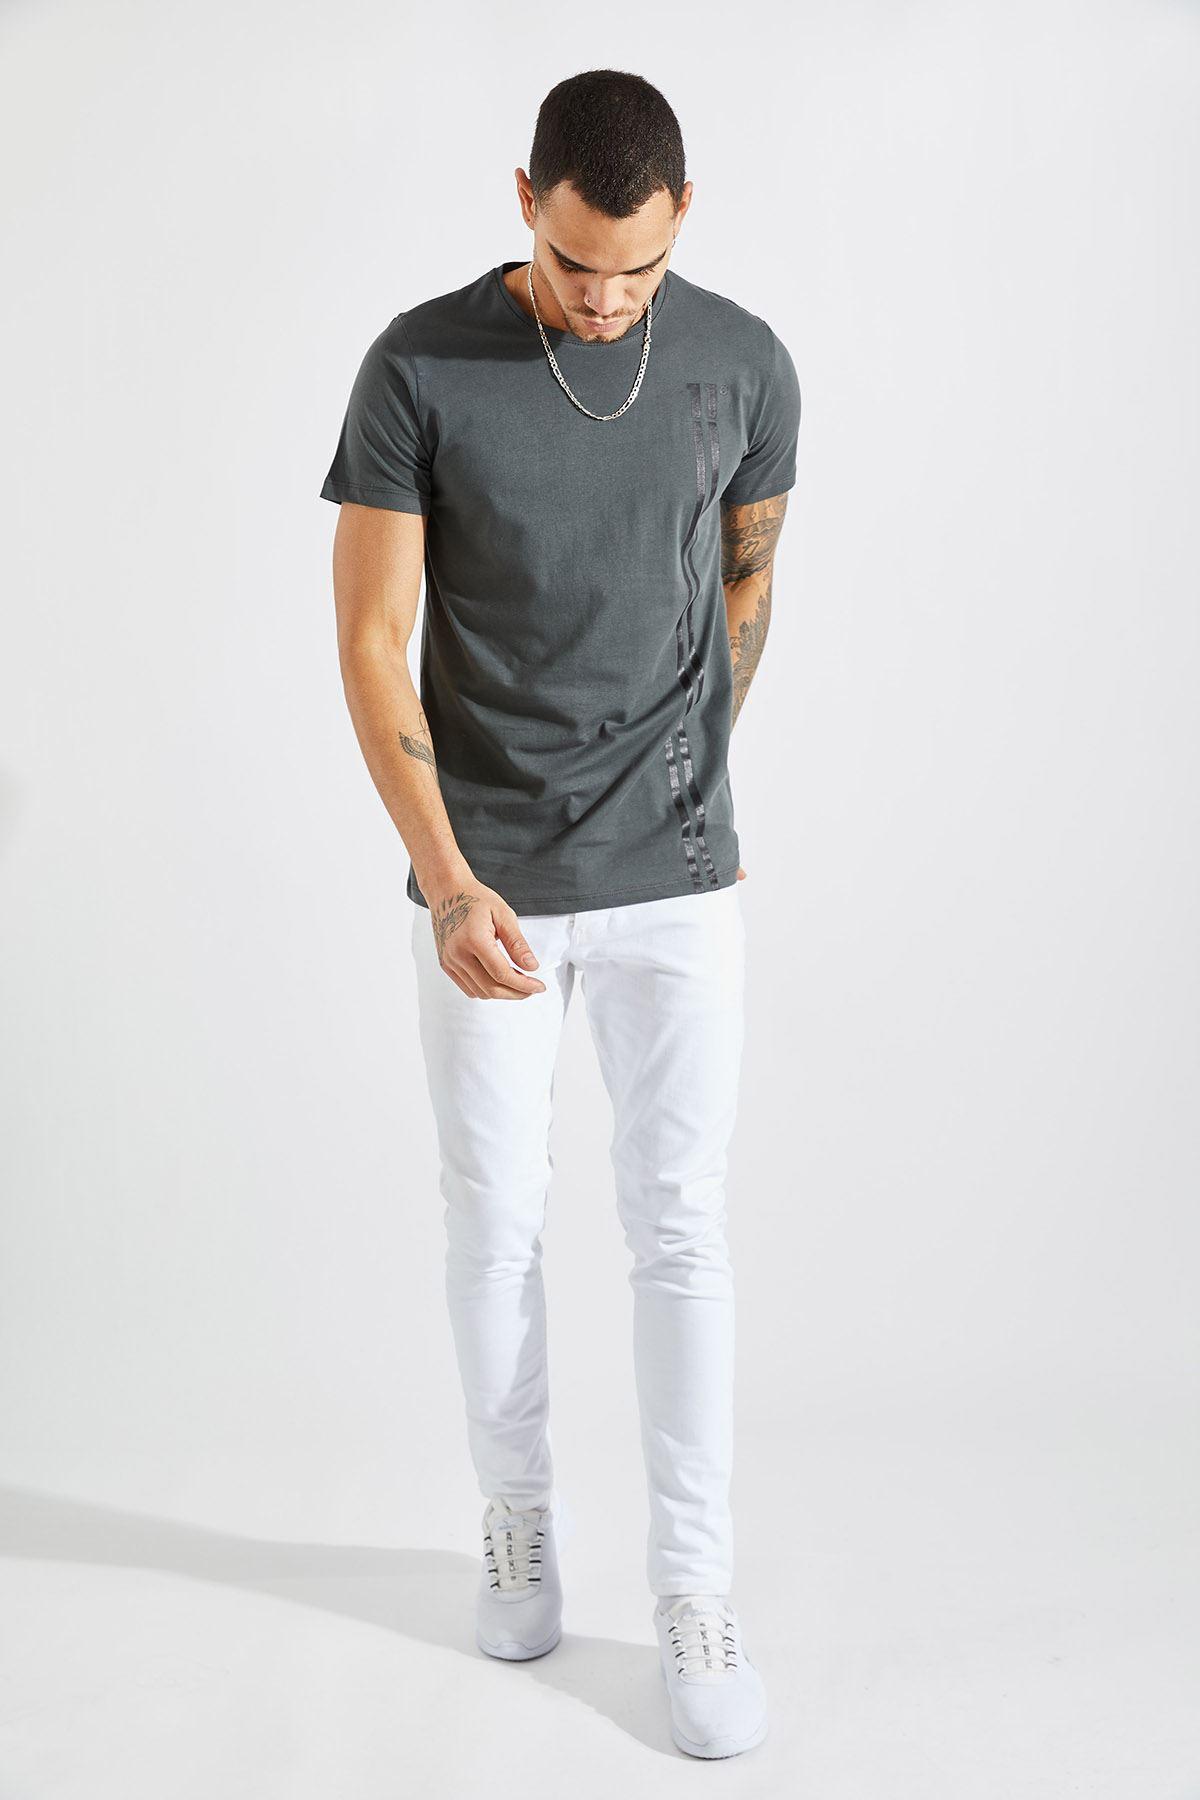 Erkek 11 Baskılı Füme Tişört